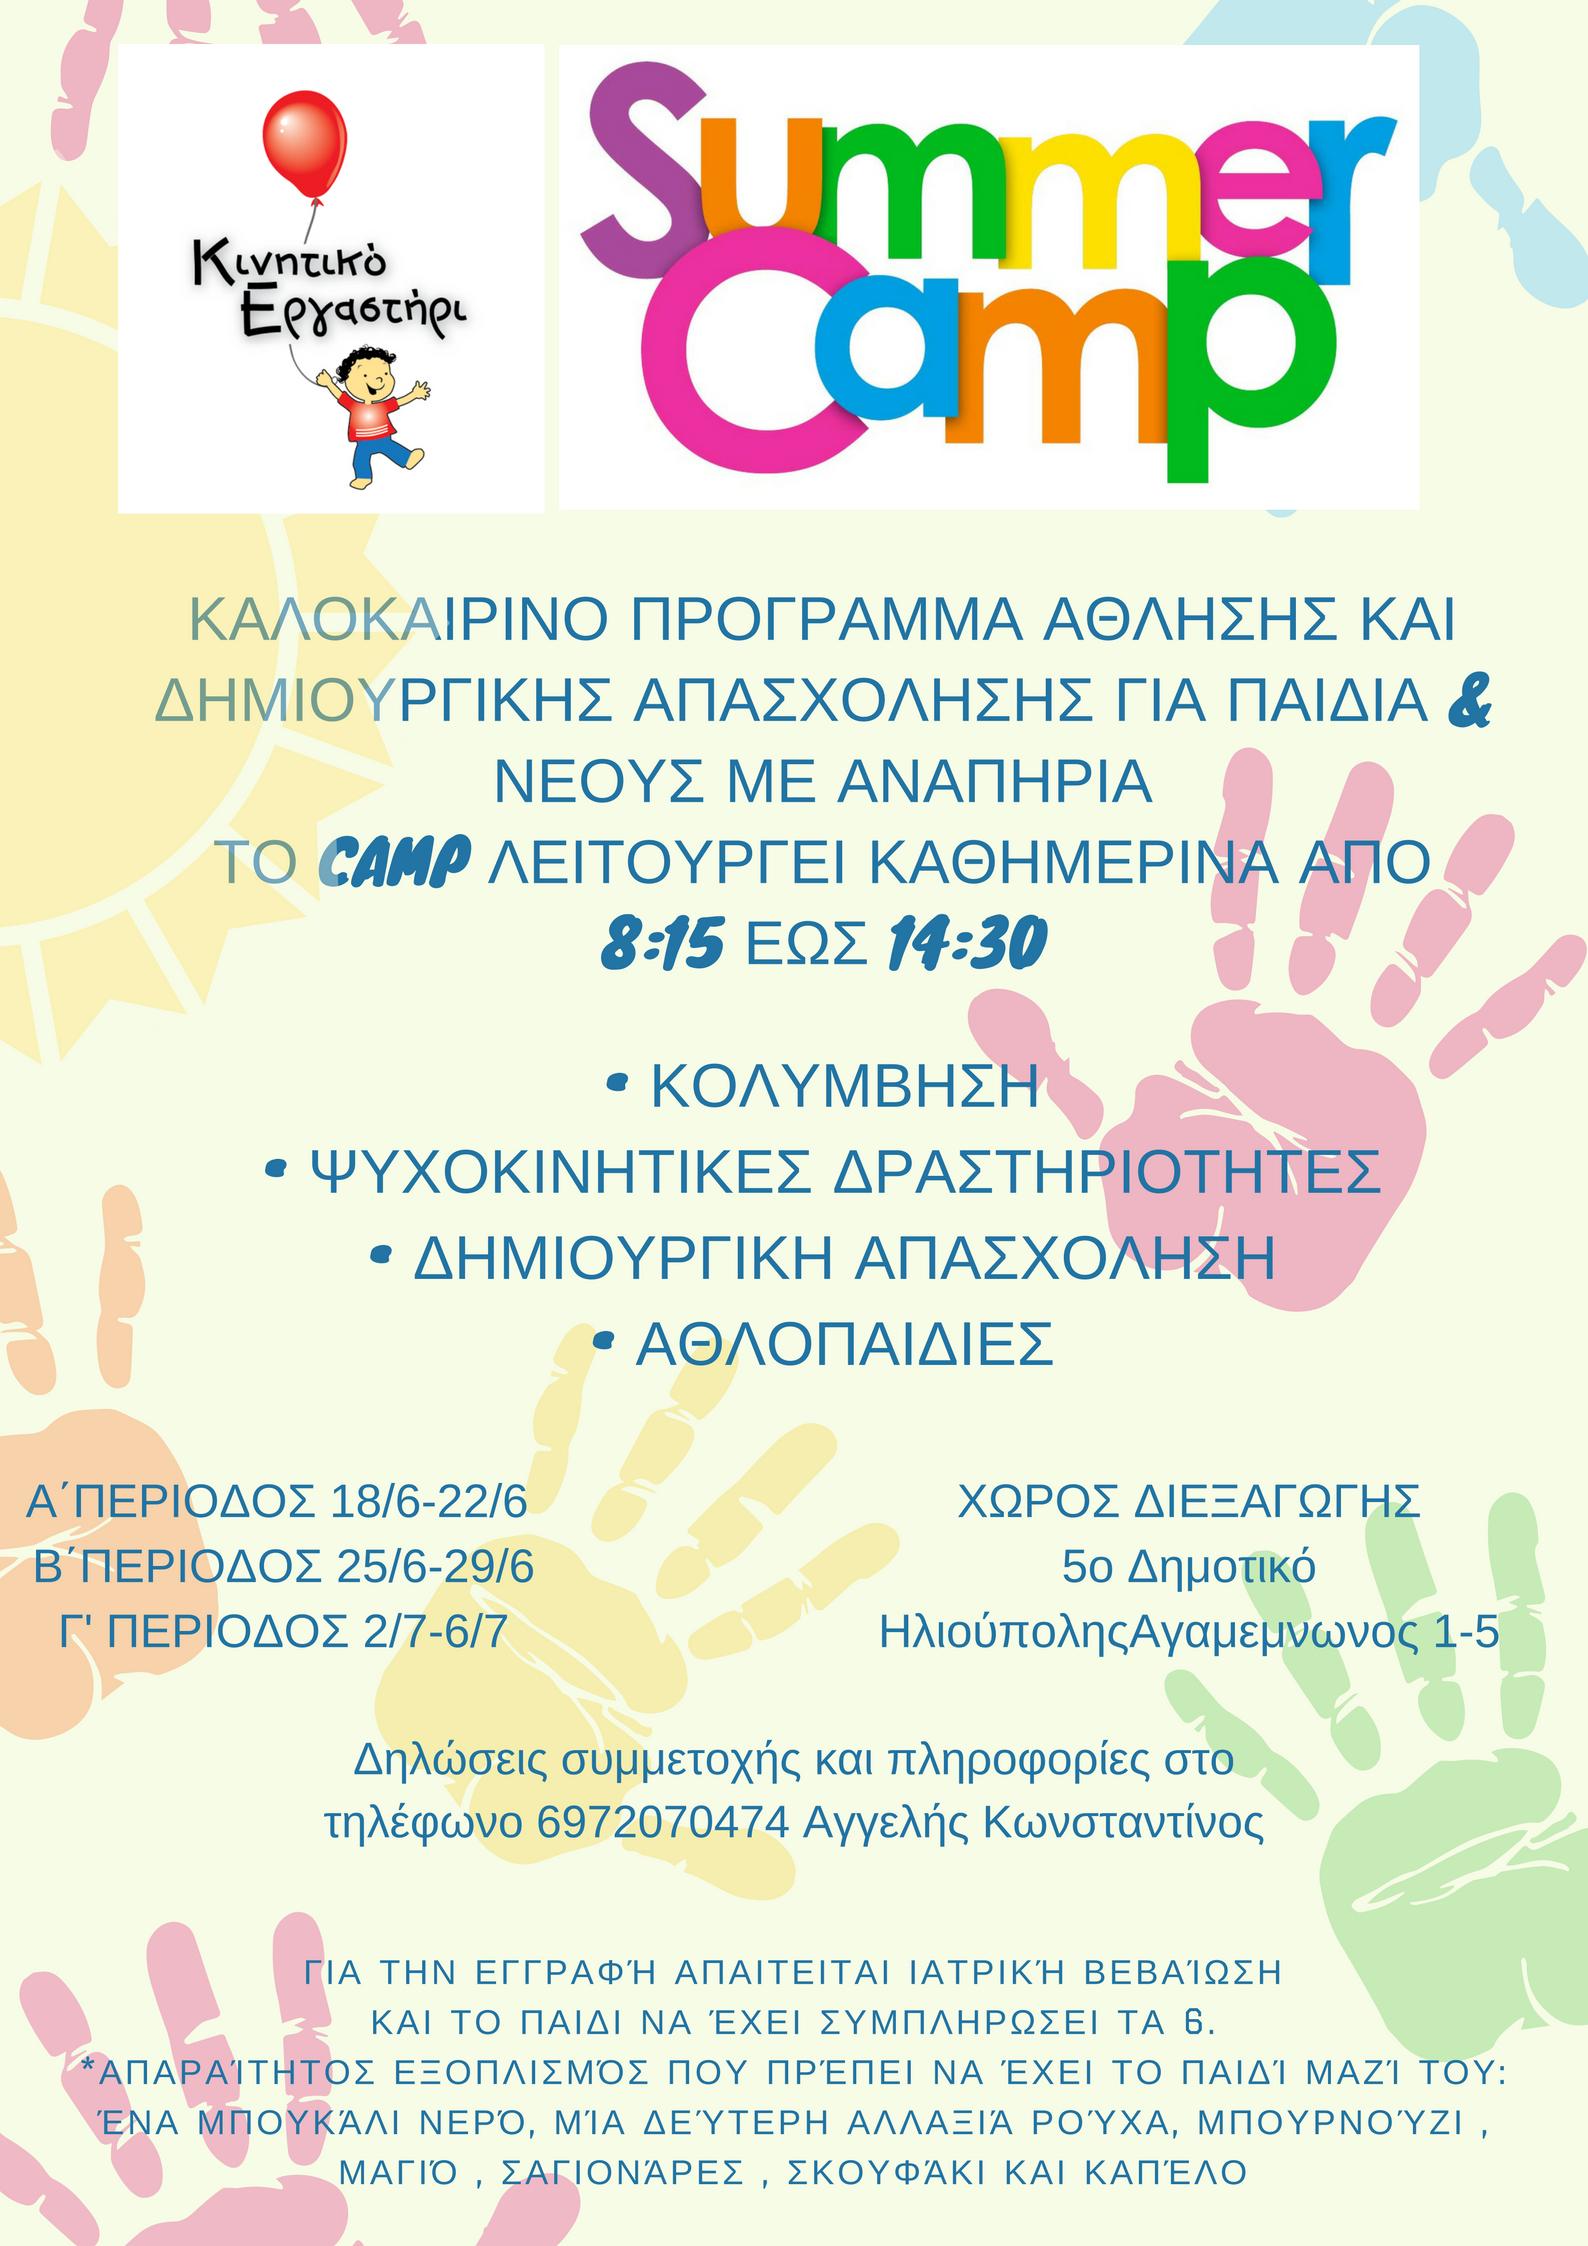 Ξεκινά η 2η περίοδος του summer camp ΑμΕΑ